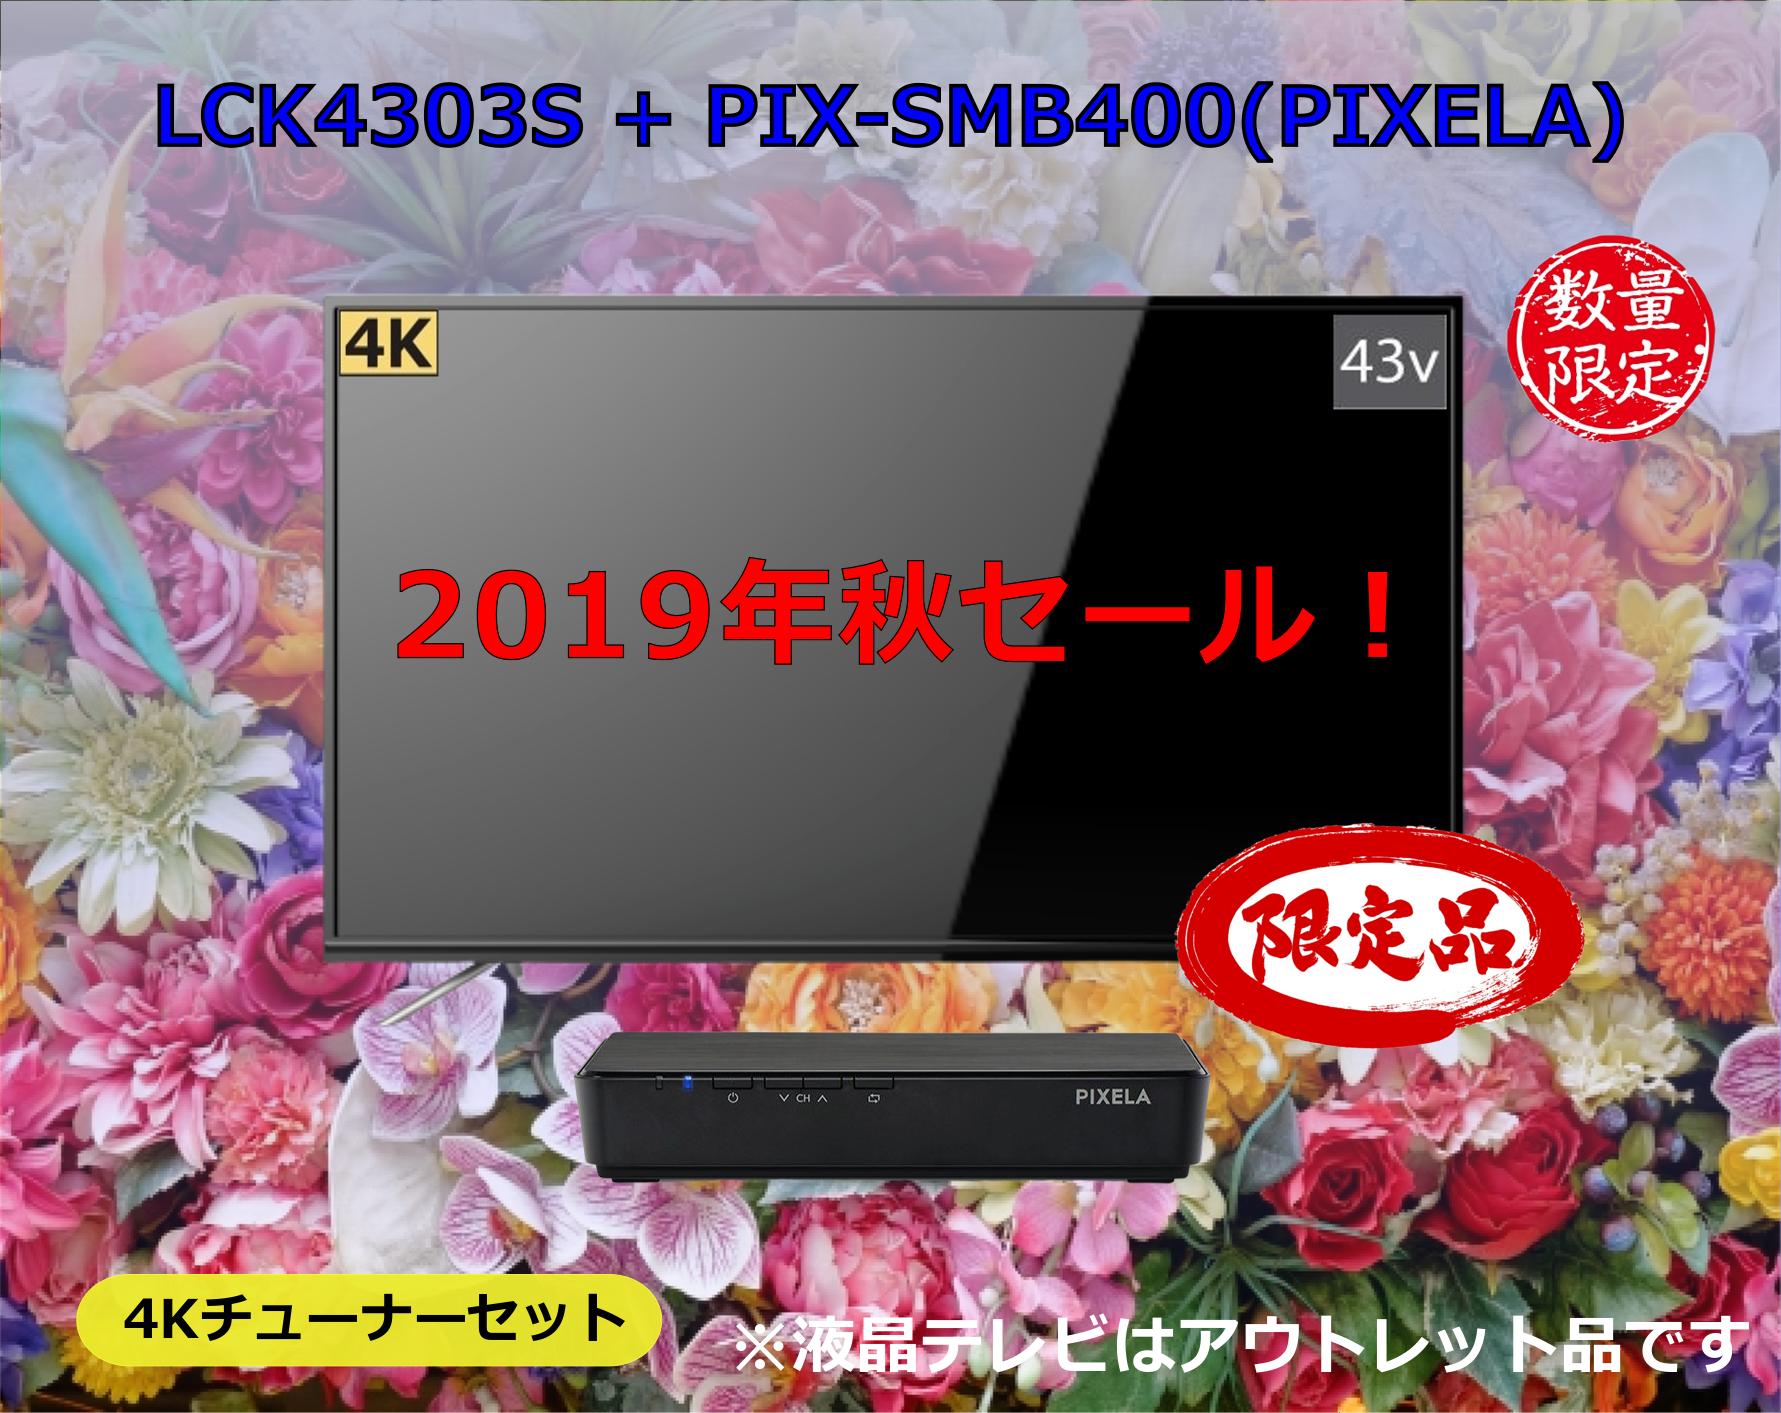 地上・BS/CSデジタル 4K対応液晶テレビ LCK4303S(43V型)+ 4K スマートチューナー PIX-SMB400(PIXELA)画像